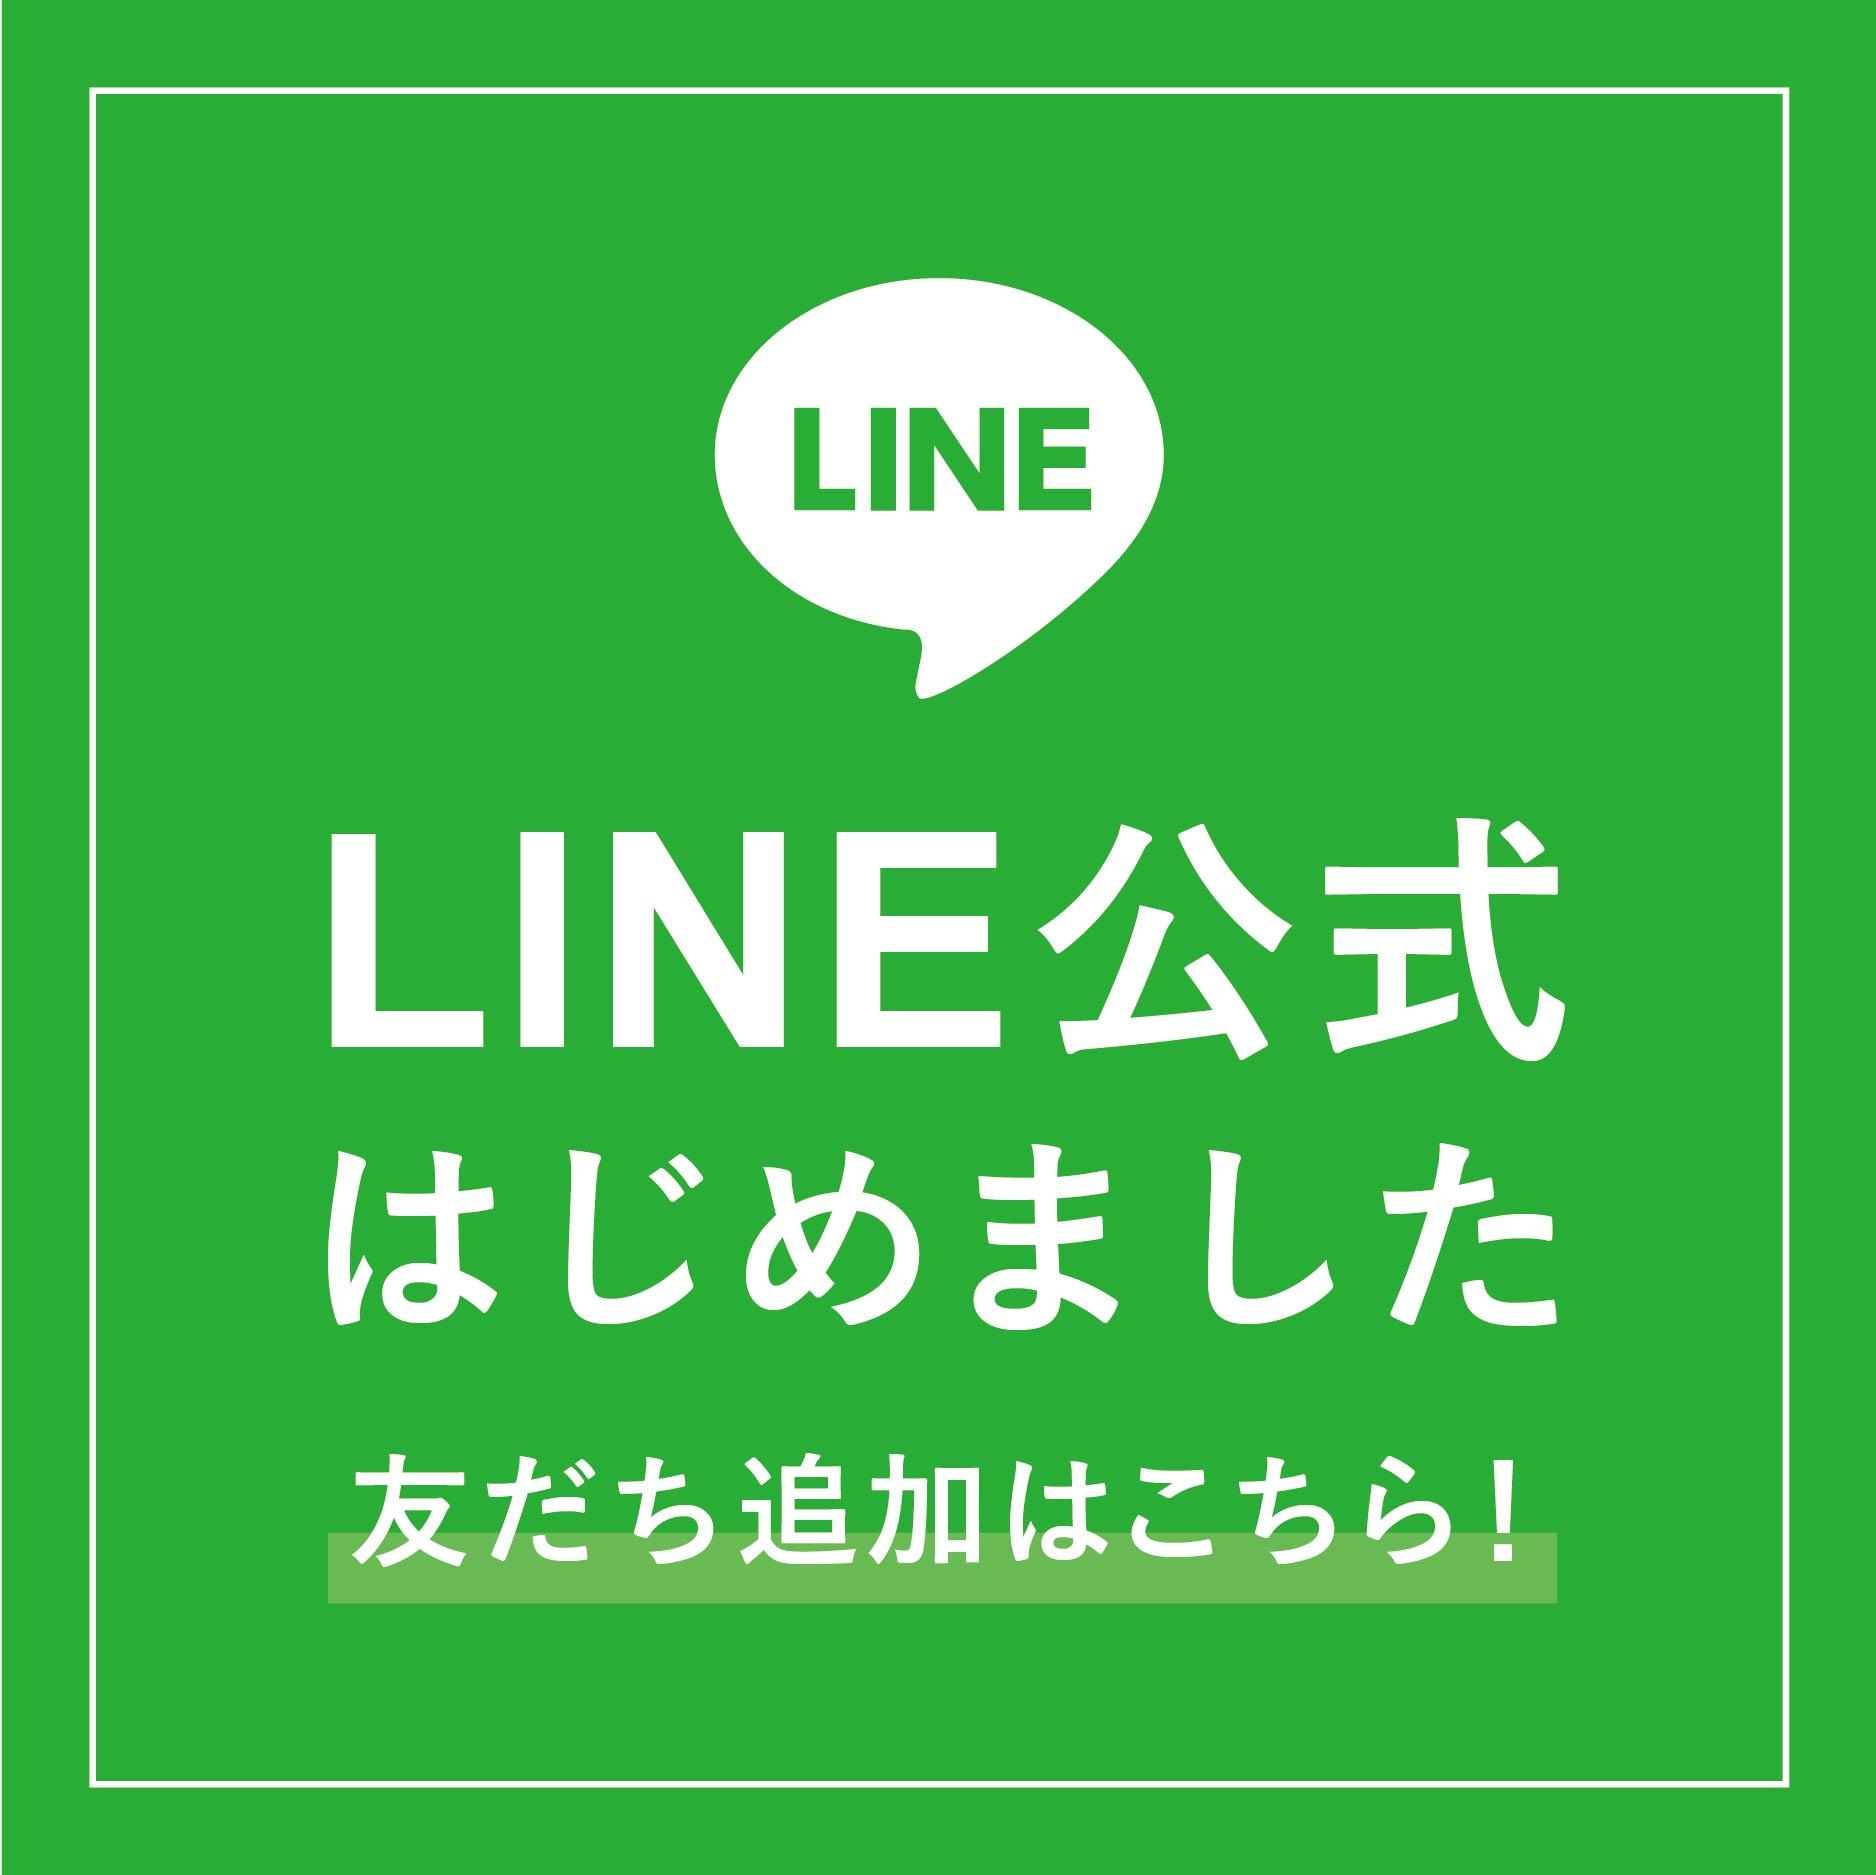 【全店対象】LINE公式スタート!